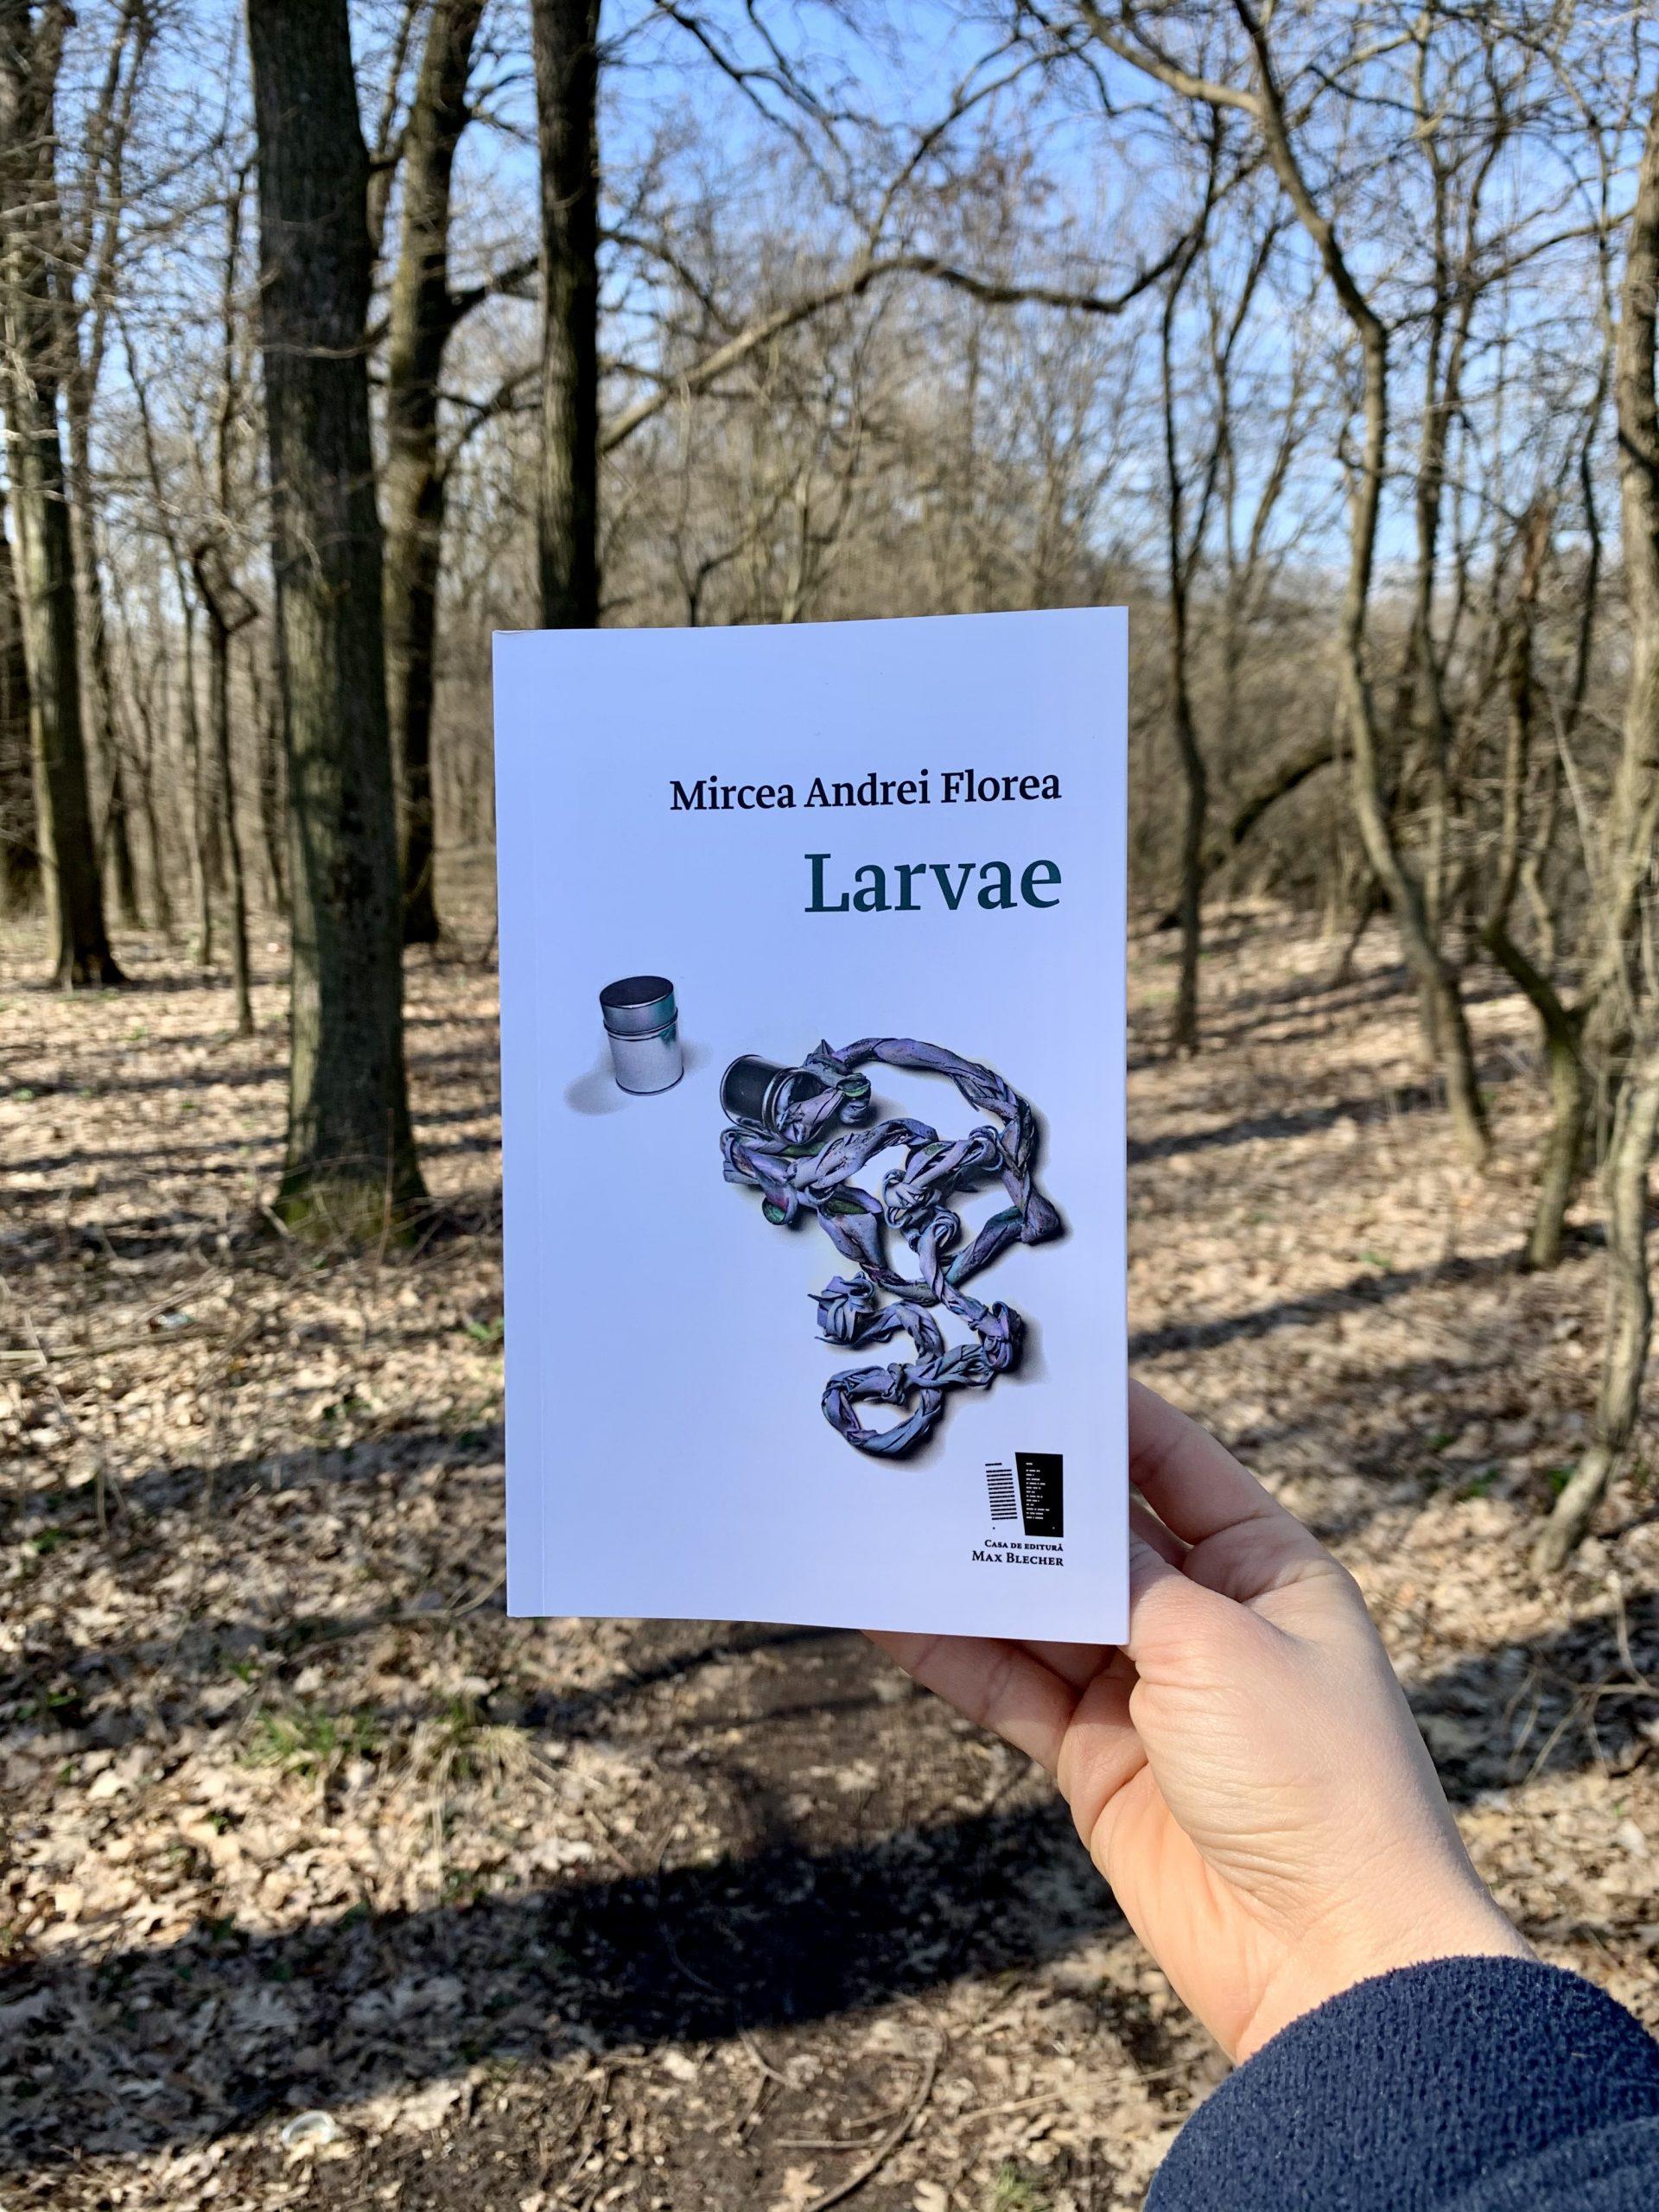 Larvae, Mircea Andrei Florea